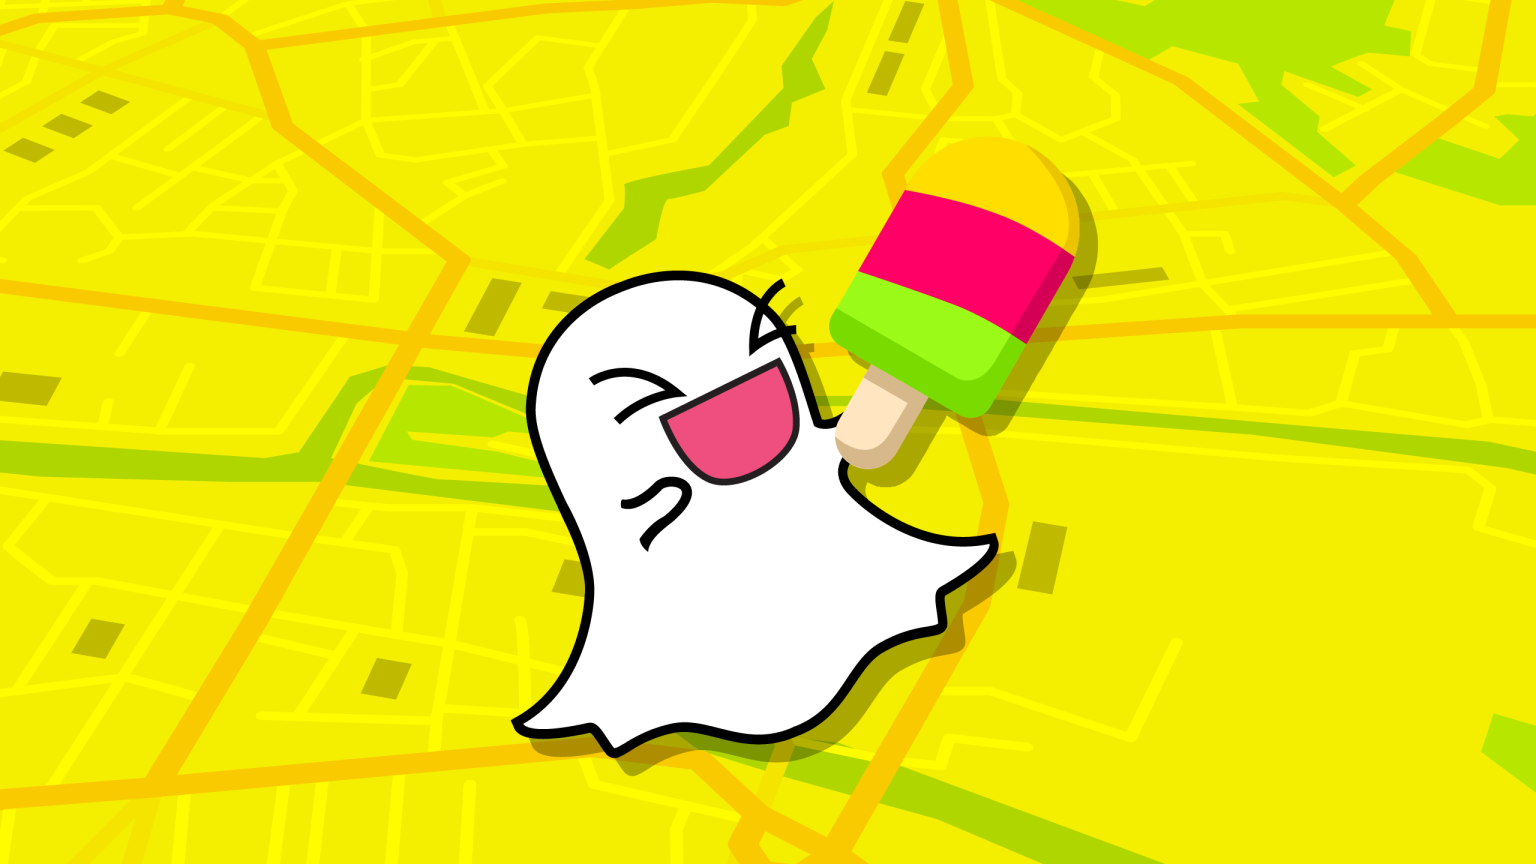 Cum sa folosesti corect snapchat?